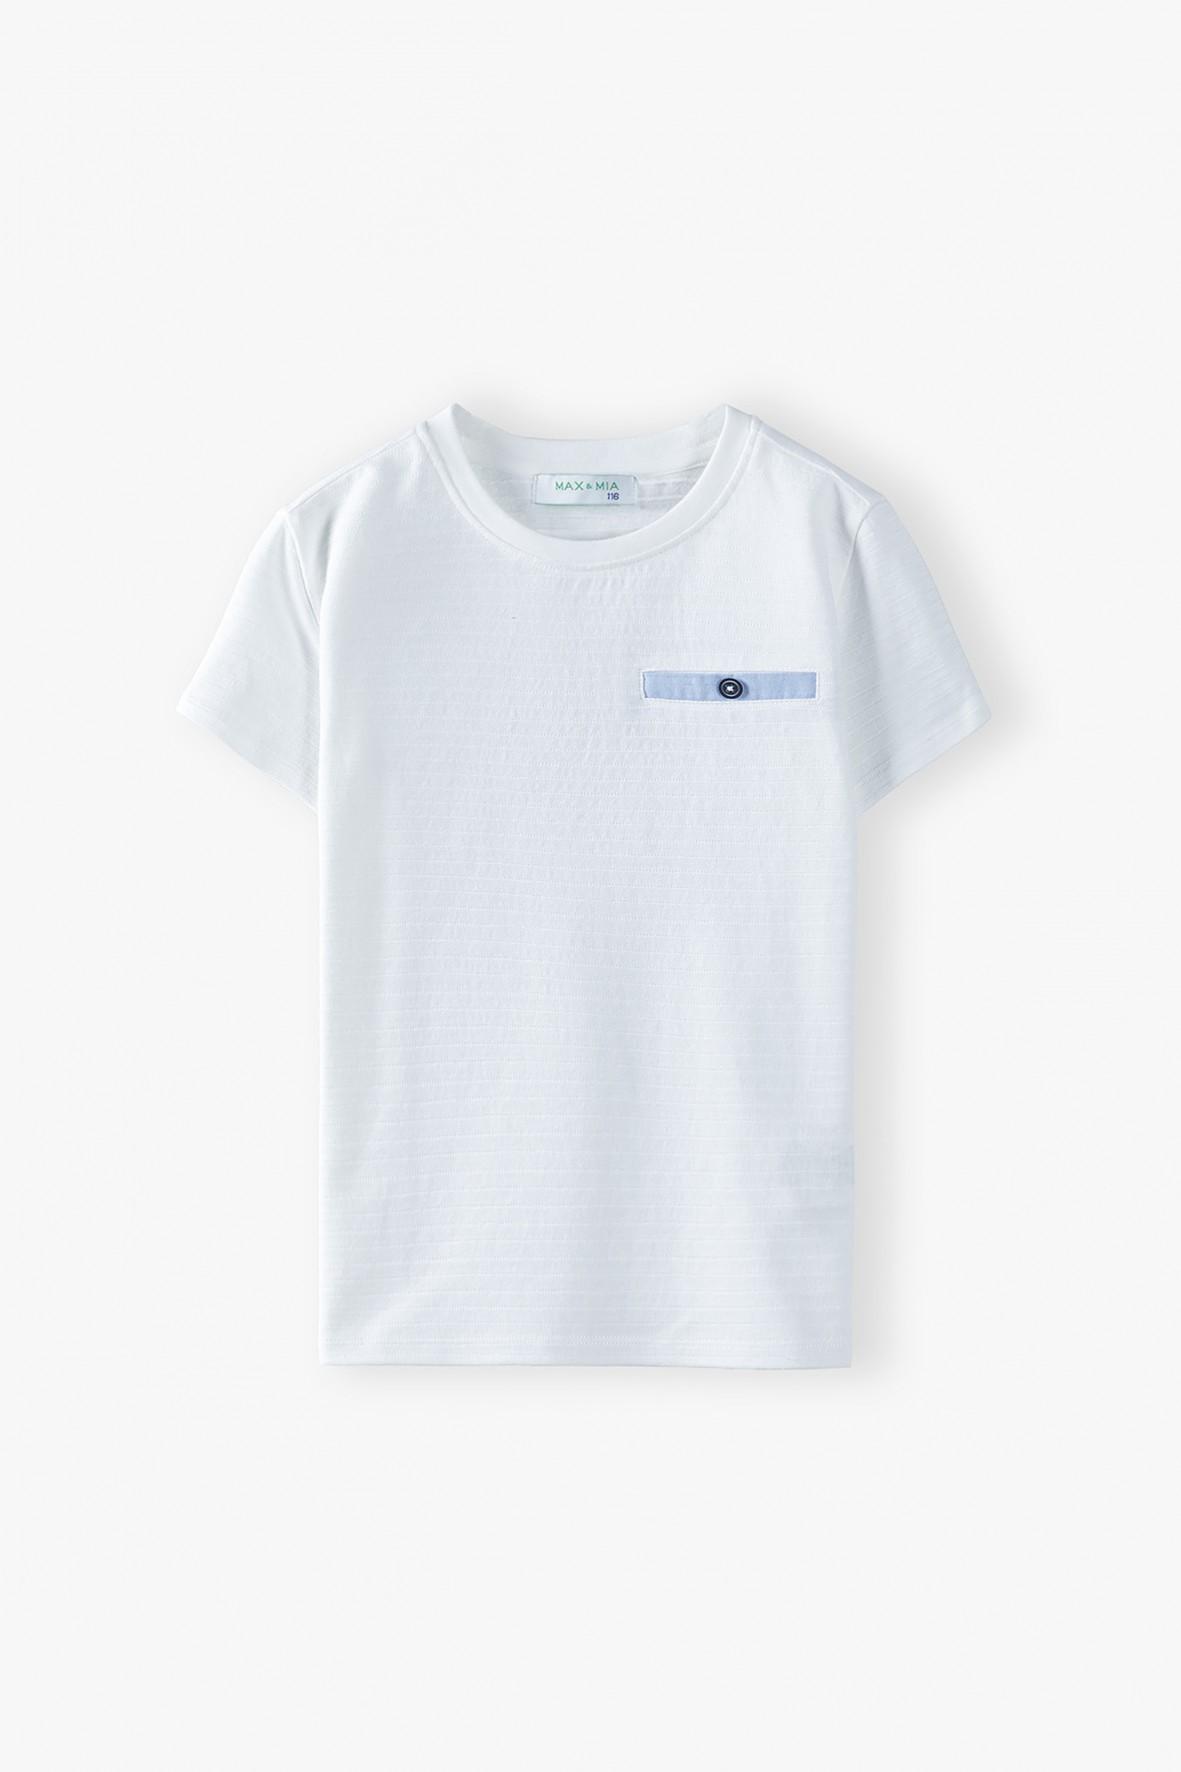 T-shirt chłopięcy bawełniany w paski - biały